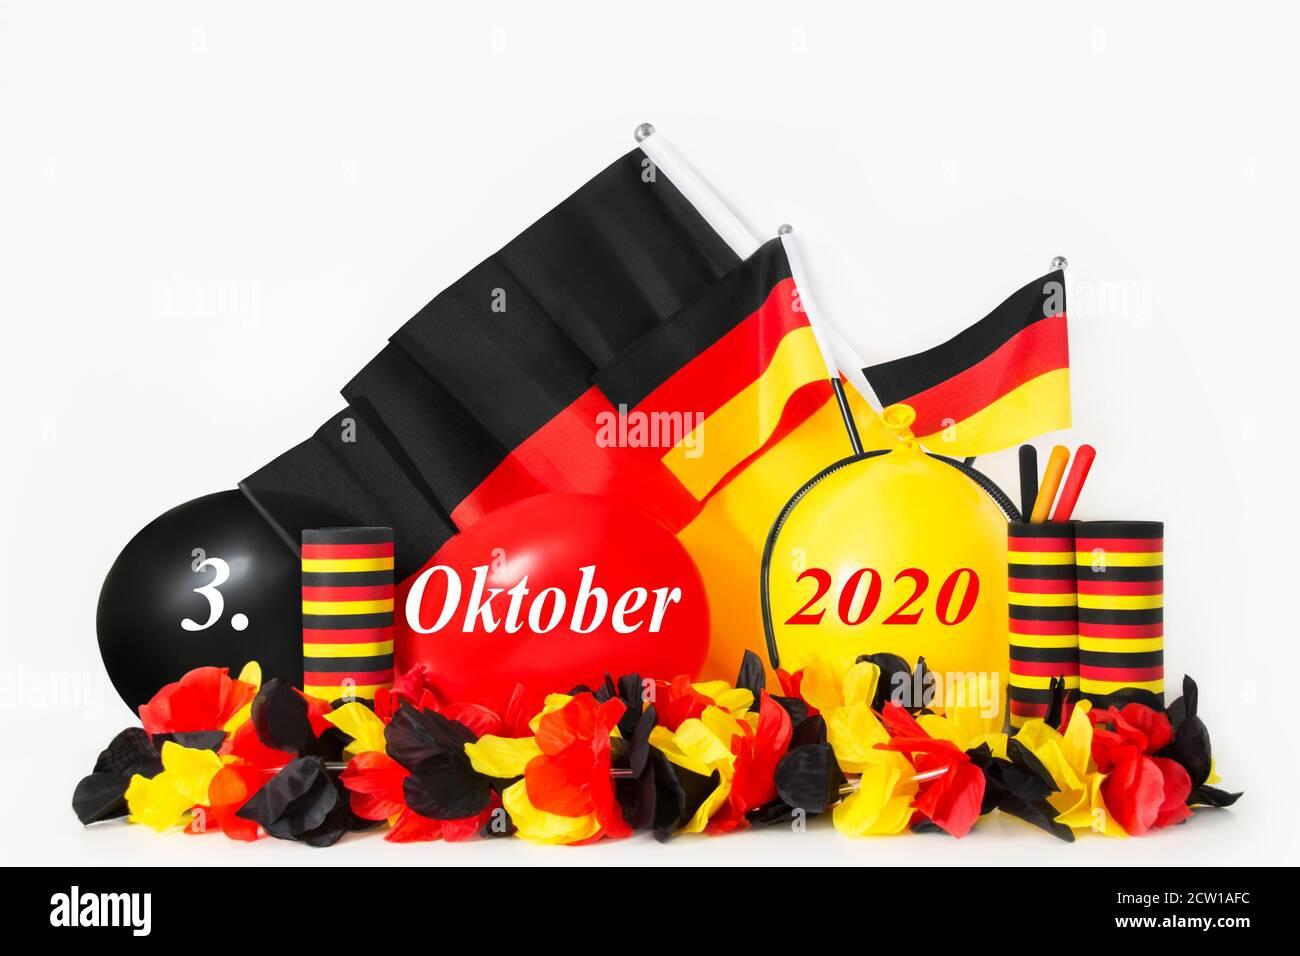 Tag der Deutschen Einheit    German Unity Day Oktober 3 2020 Stock Photo